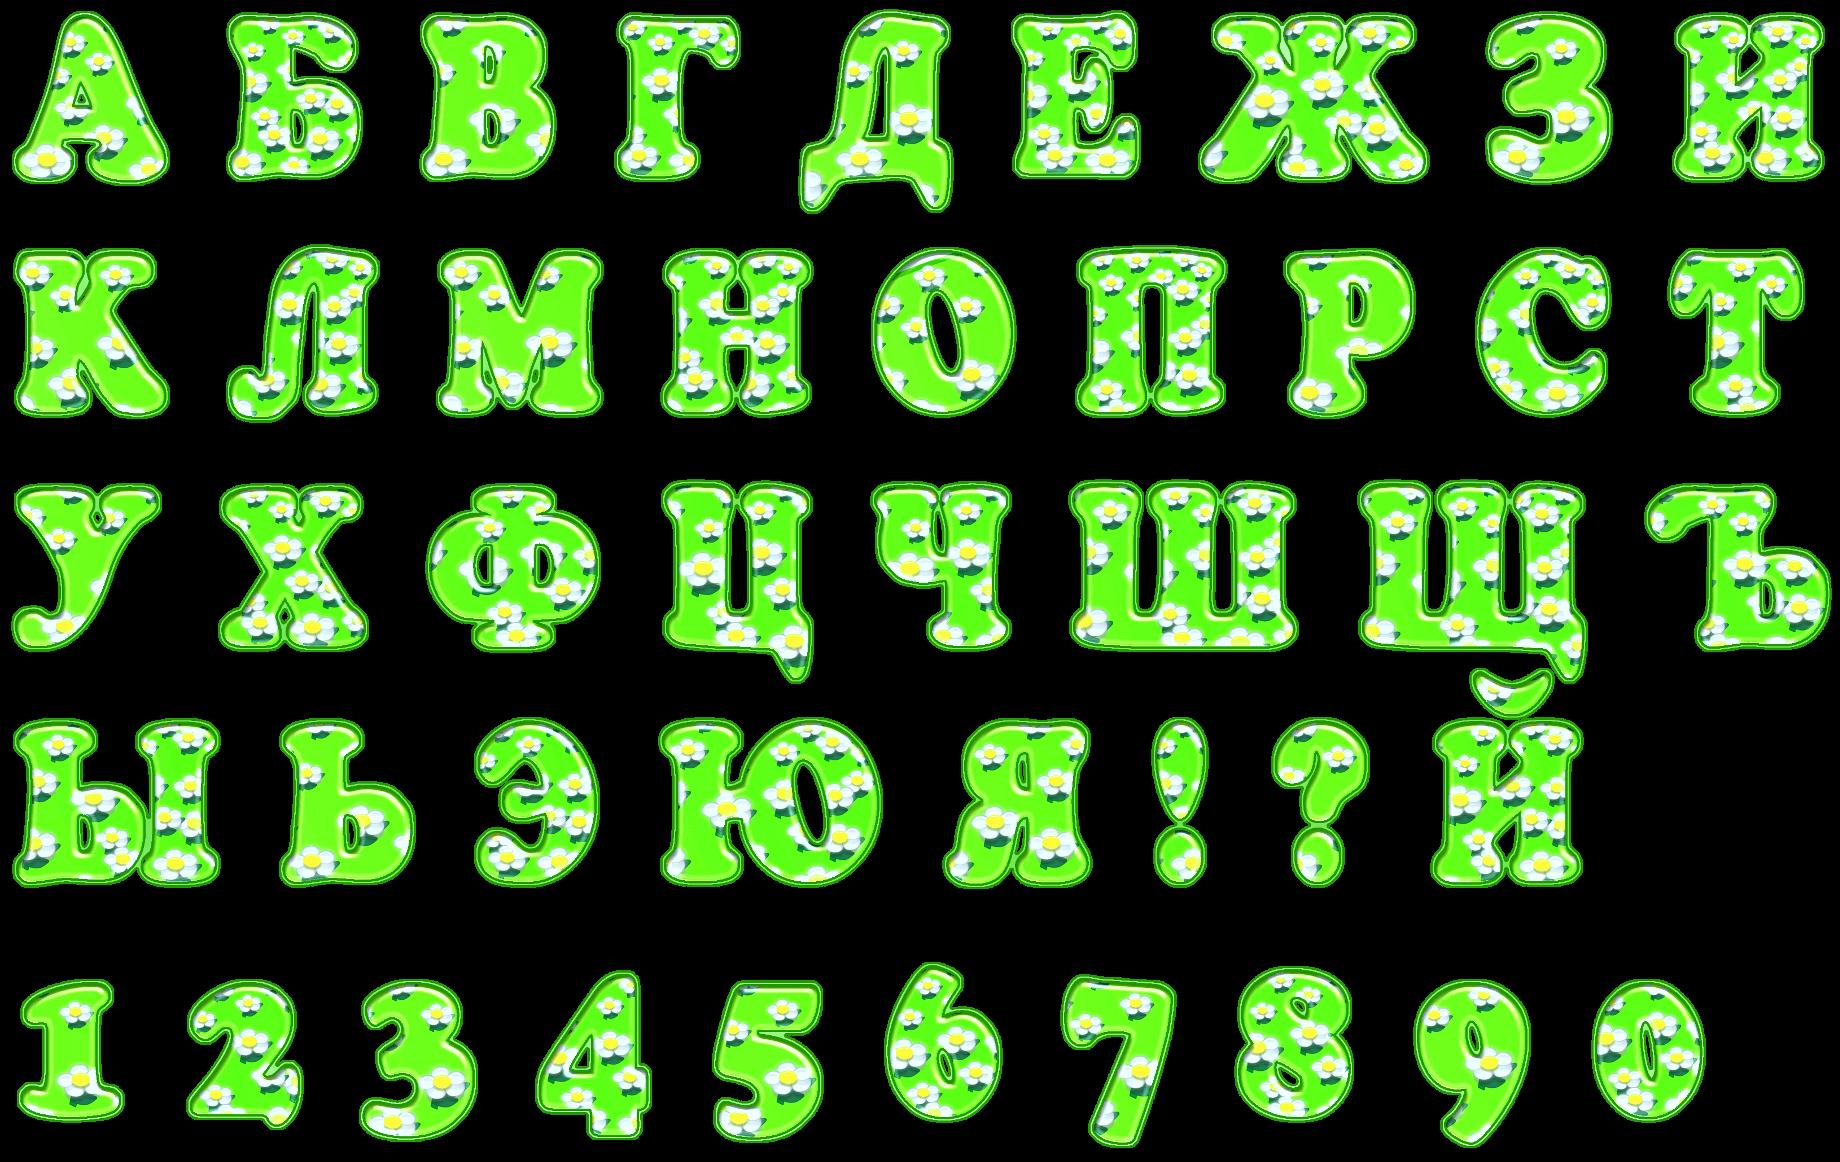 бэрримор русские буквы красивым шрифтом картинки вагнера